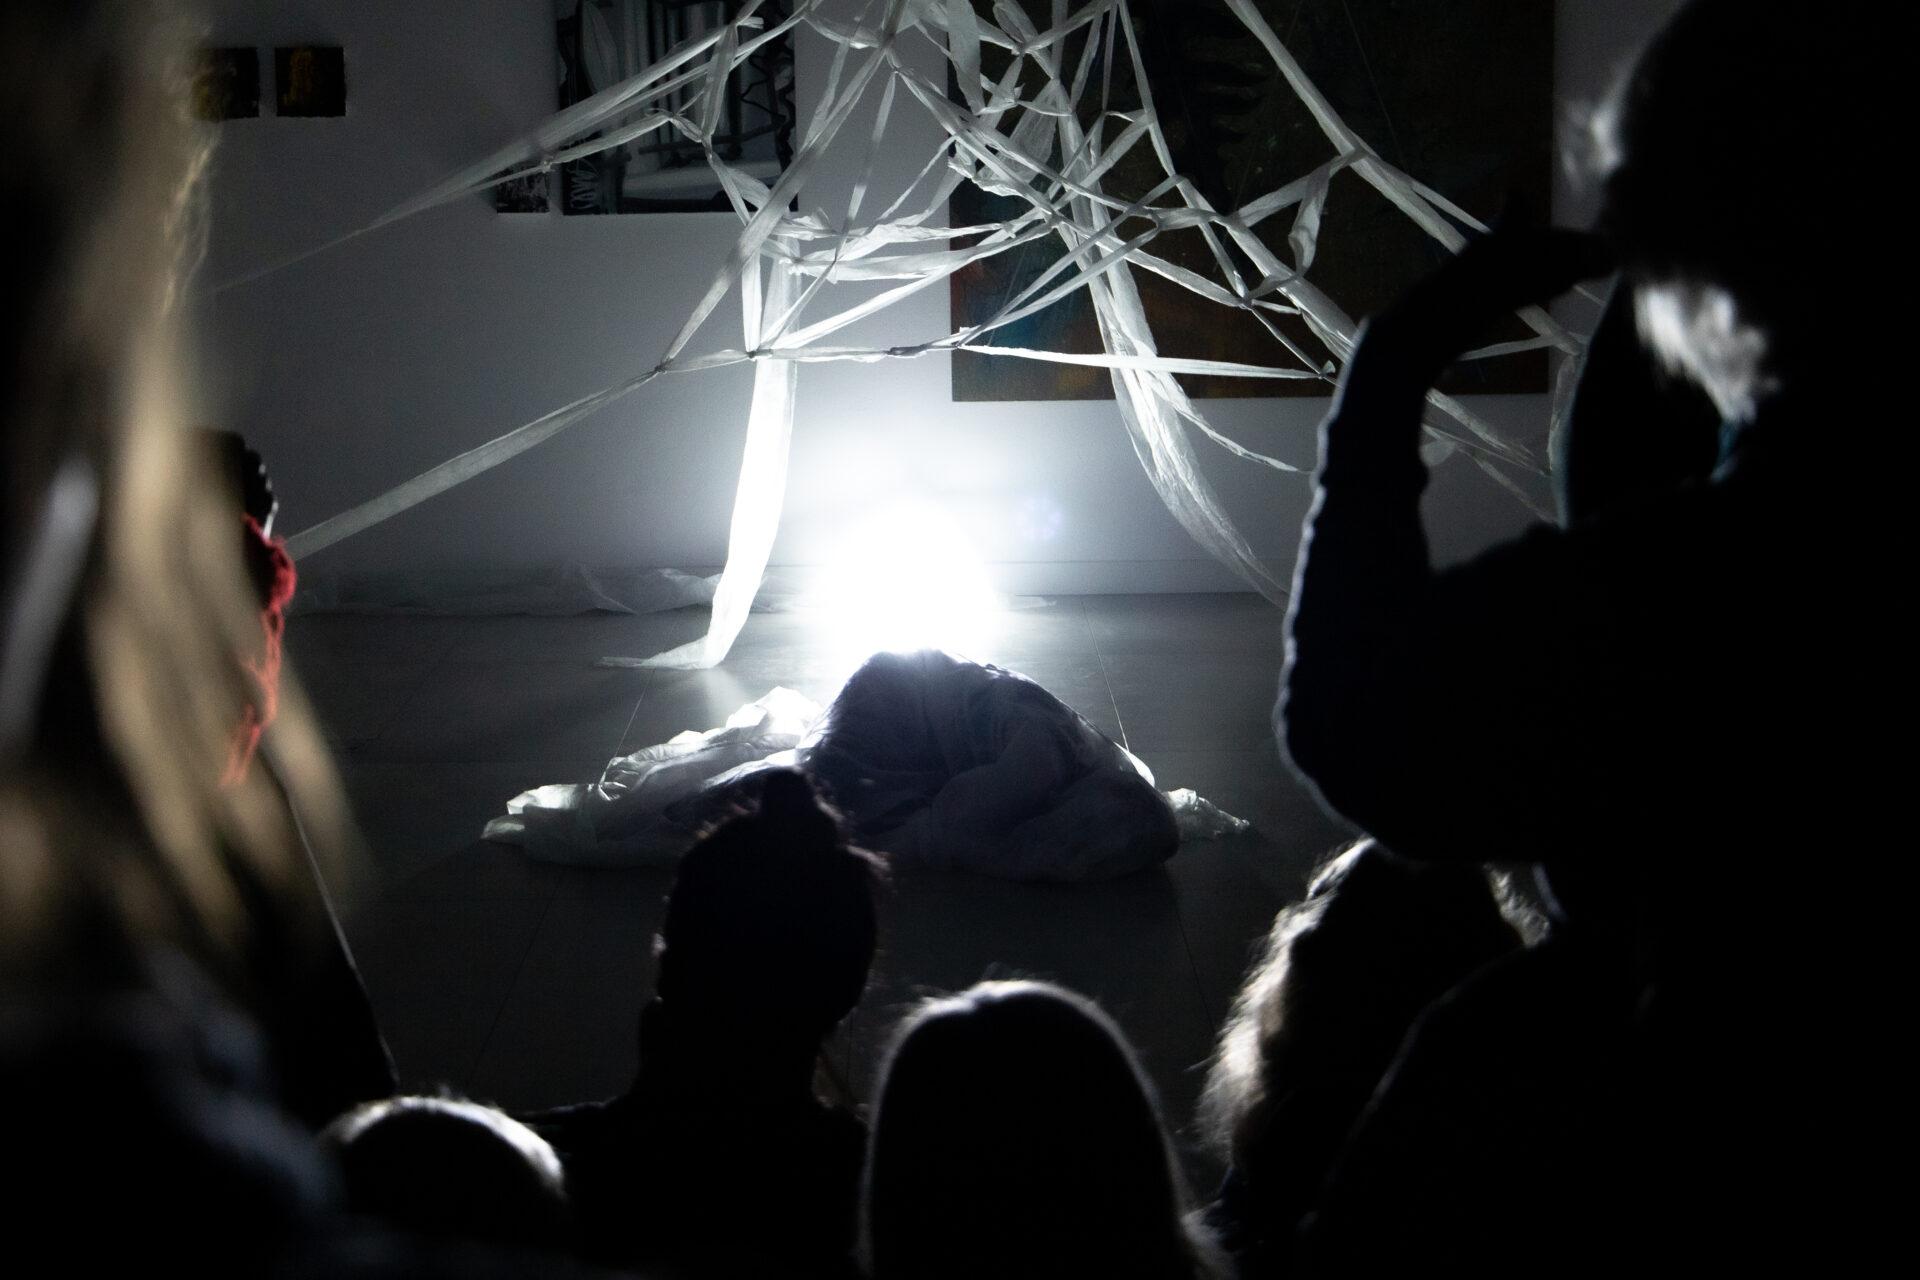 """Joanna Sarnecka, Jakub Hader """"Synesthesis"""", pokaz popremierowy w Biurze Wystaw Artystycznych, 28 sierpnia 2021. Fot. Martyna Karpowicz"""